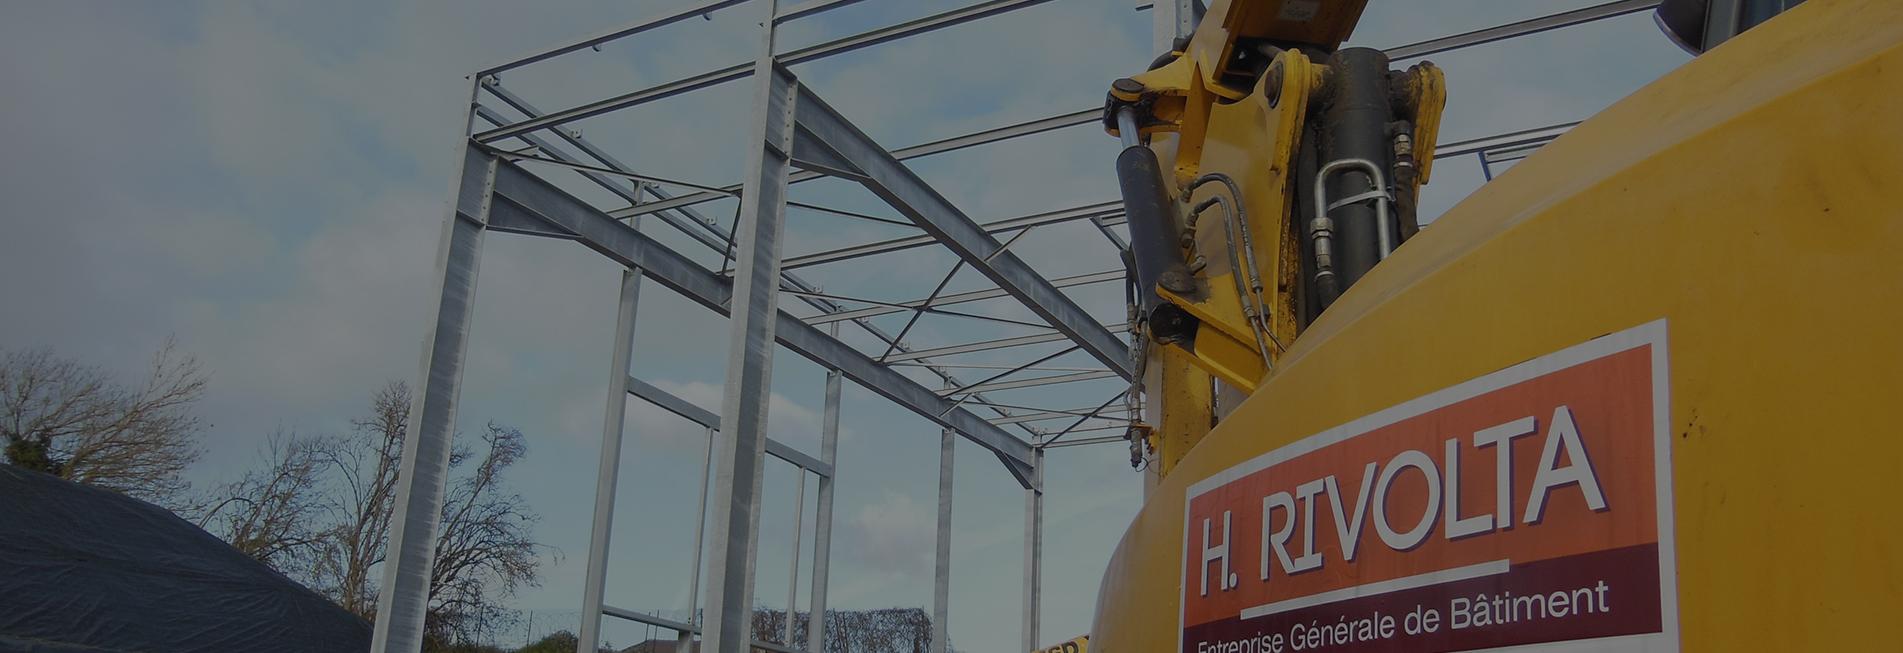 rivolta-construction